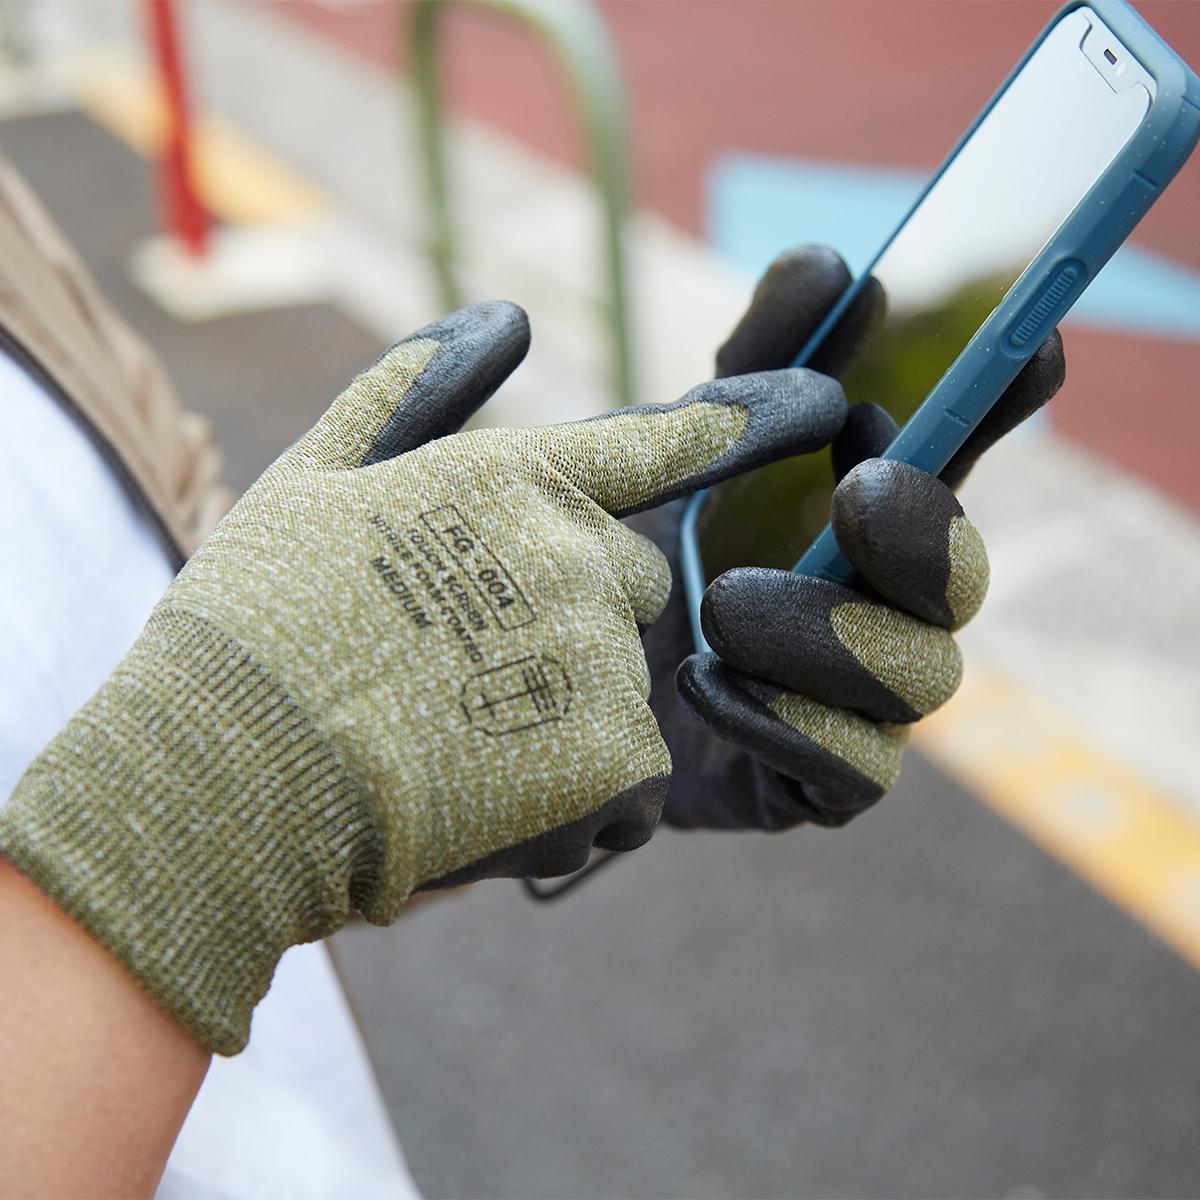 ゴム面に、滑り止めの凹凸をつける必要もないから、スマホ画面に触りやすいのです。スマホを触れる。ネジもつまめる抜群のフィット感で、指先がスイスイ動く「作業用手袋」|workers gloves(ワーカーズグローブ)